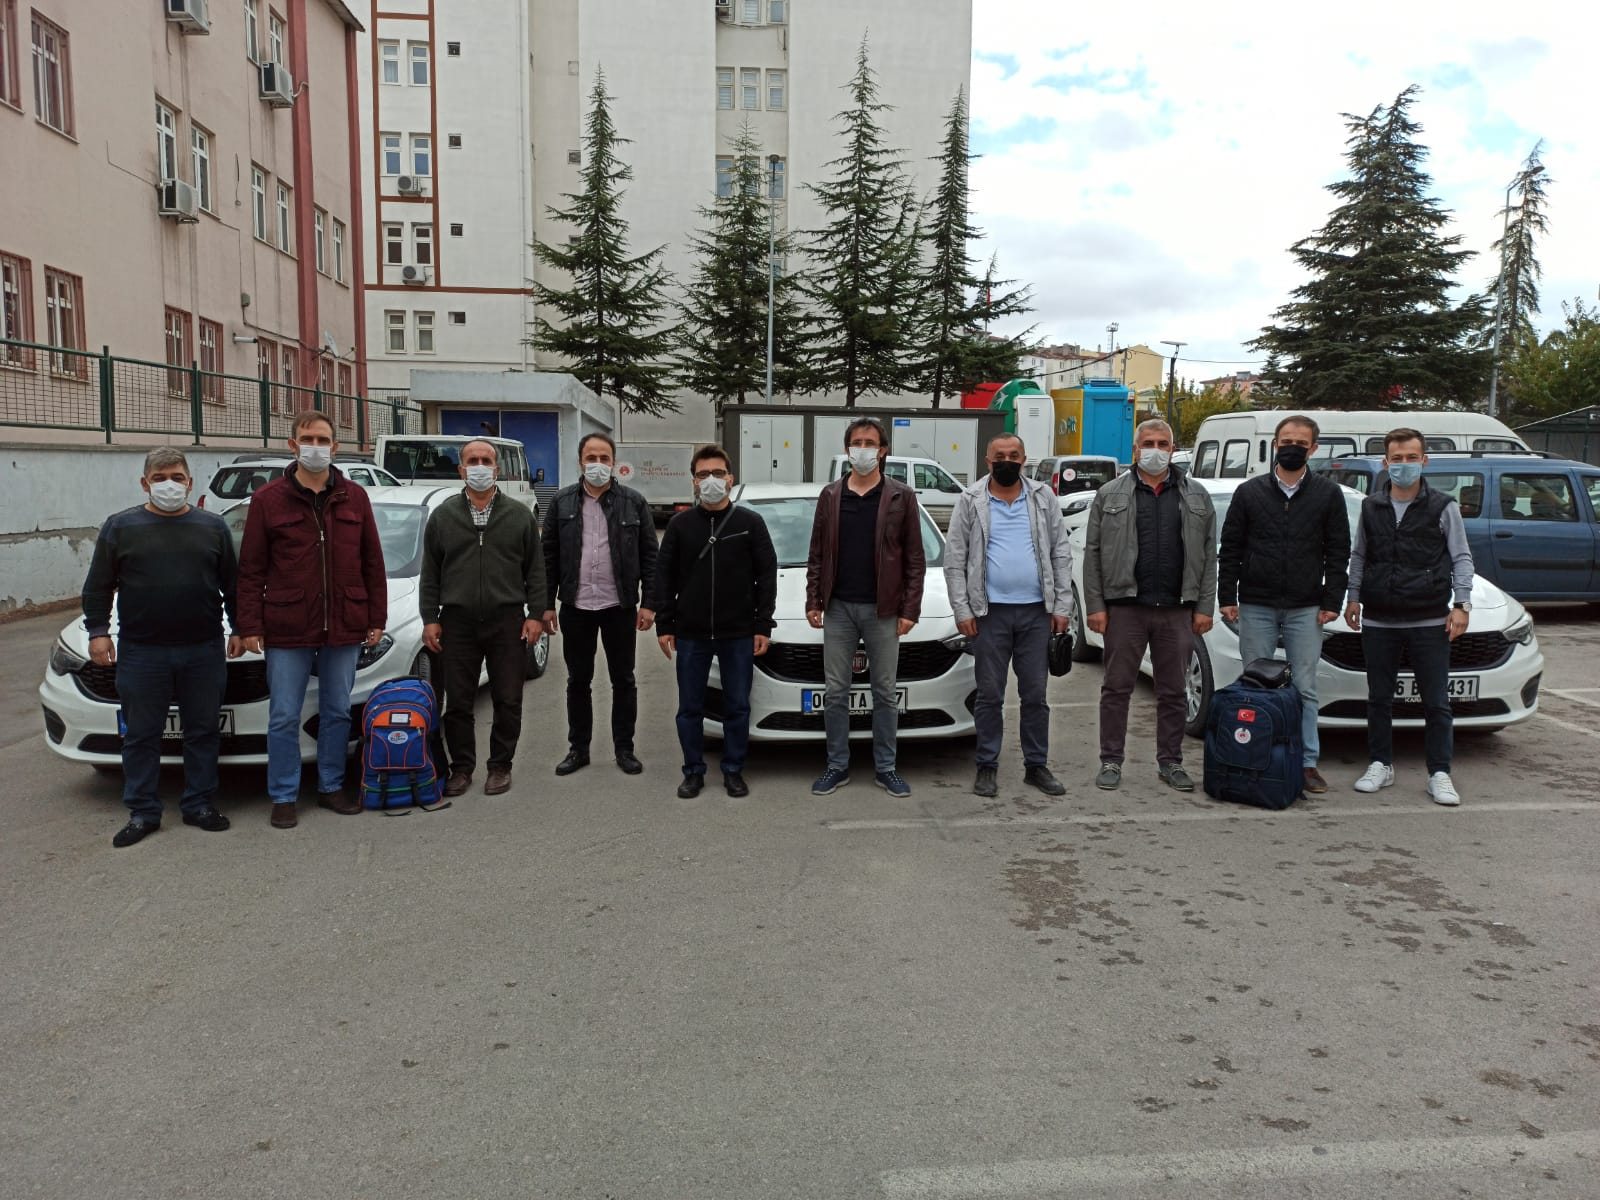 İzmir Depremi Sonrası Hasar Tespit Çalışmaları Yapmak Üzere Görevlendirilen Personellerimiz Deprem Bölgesine…